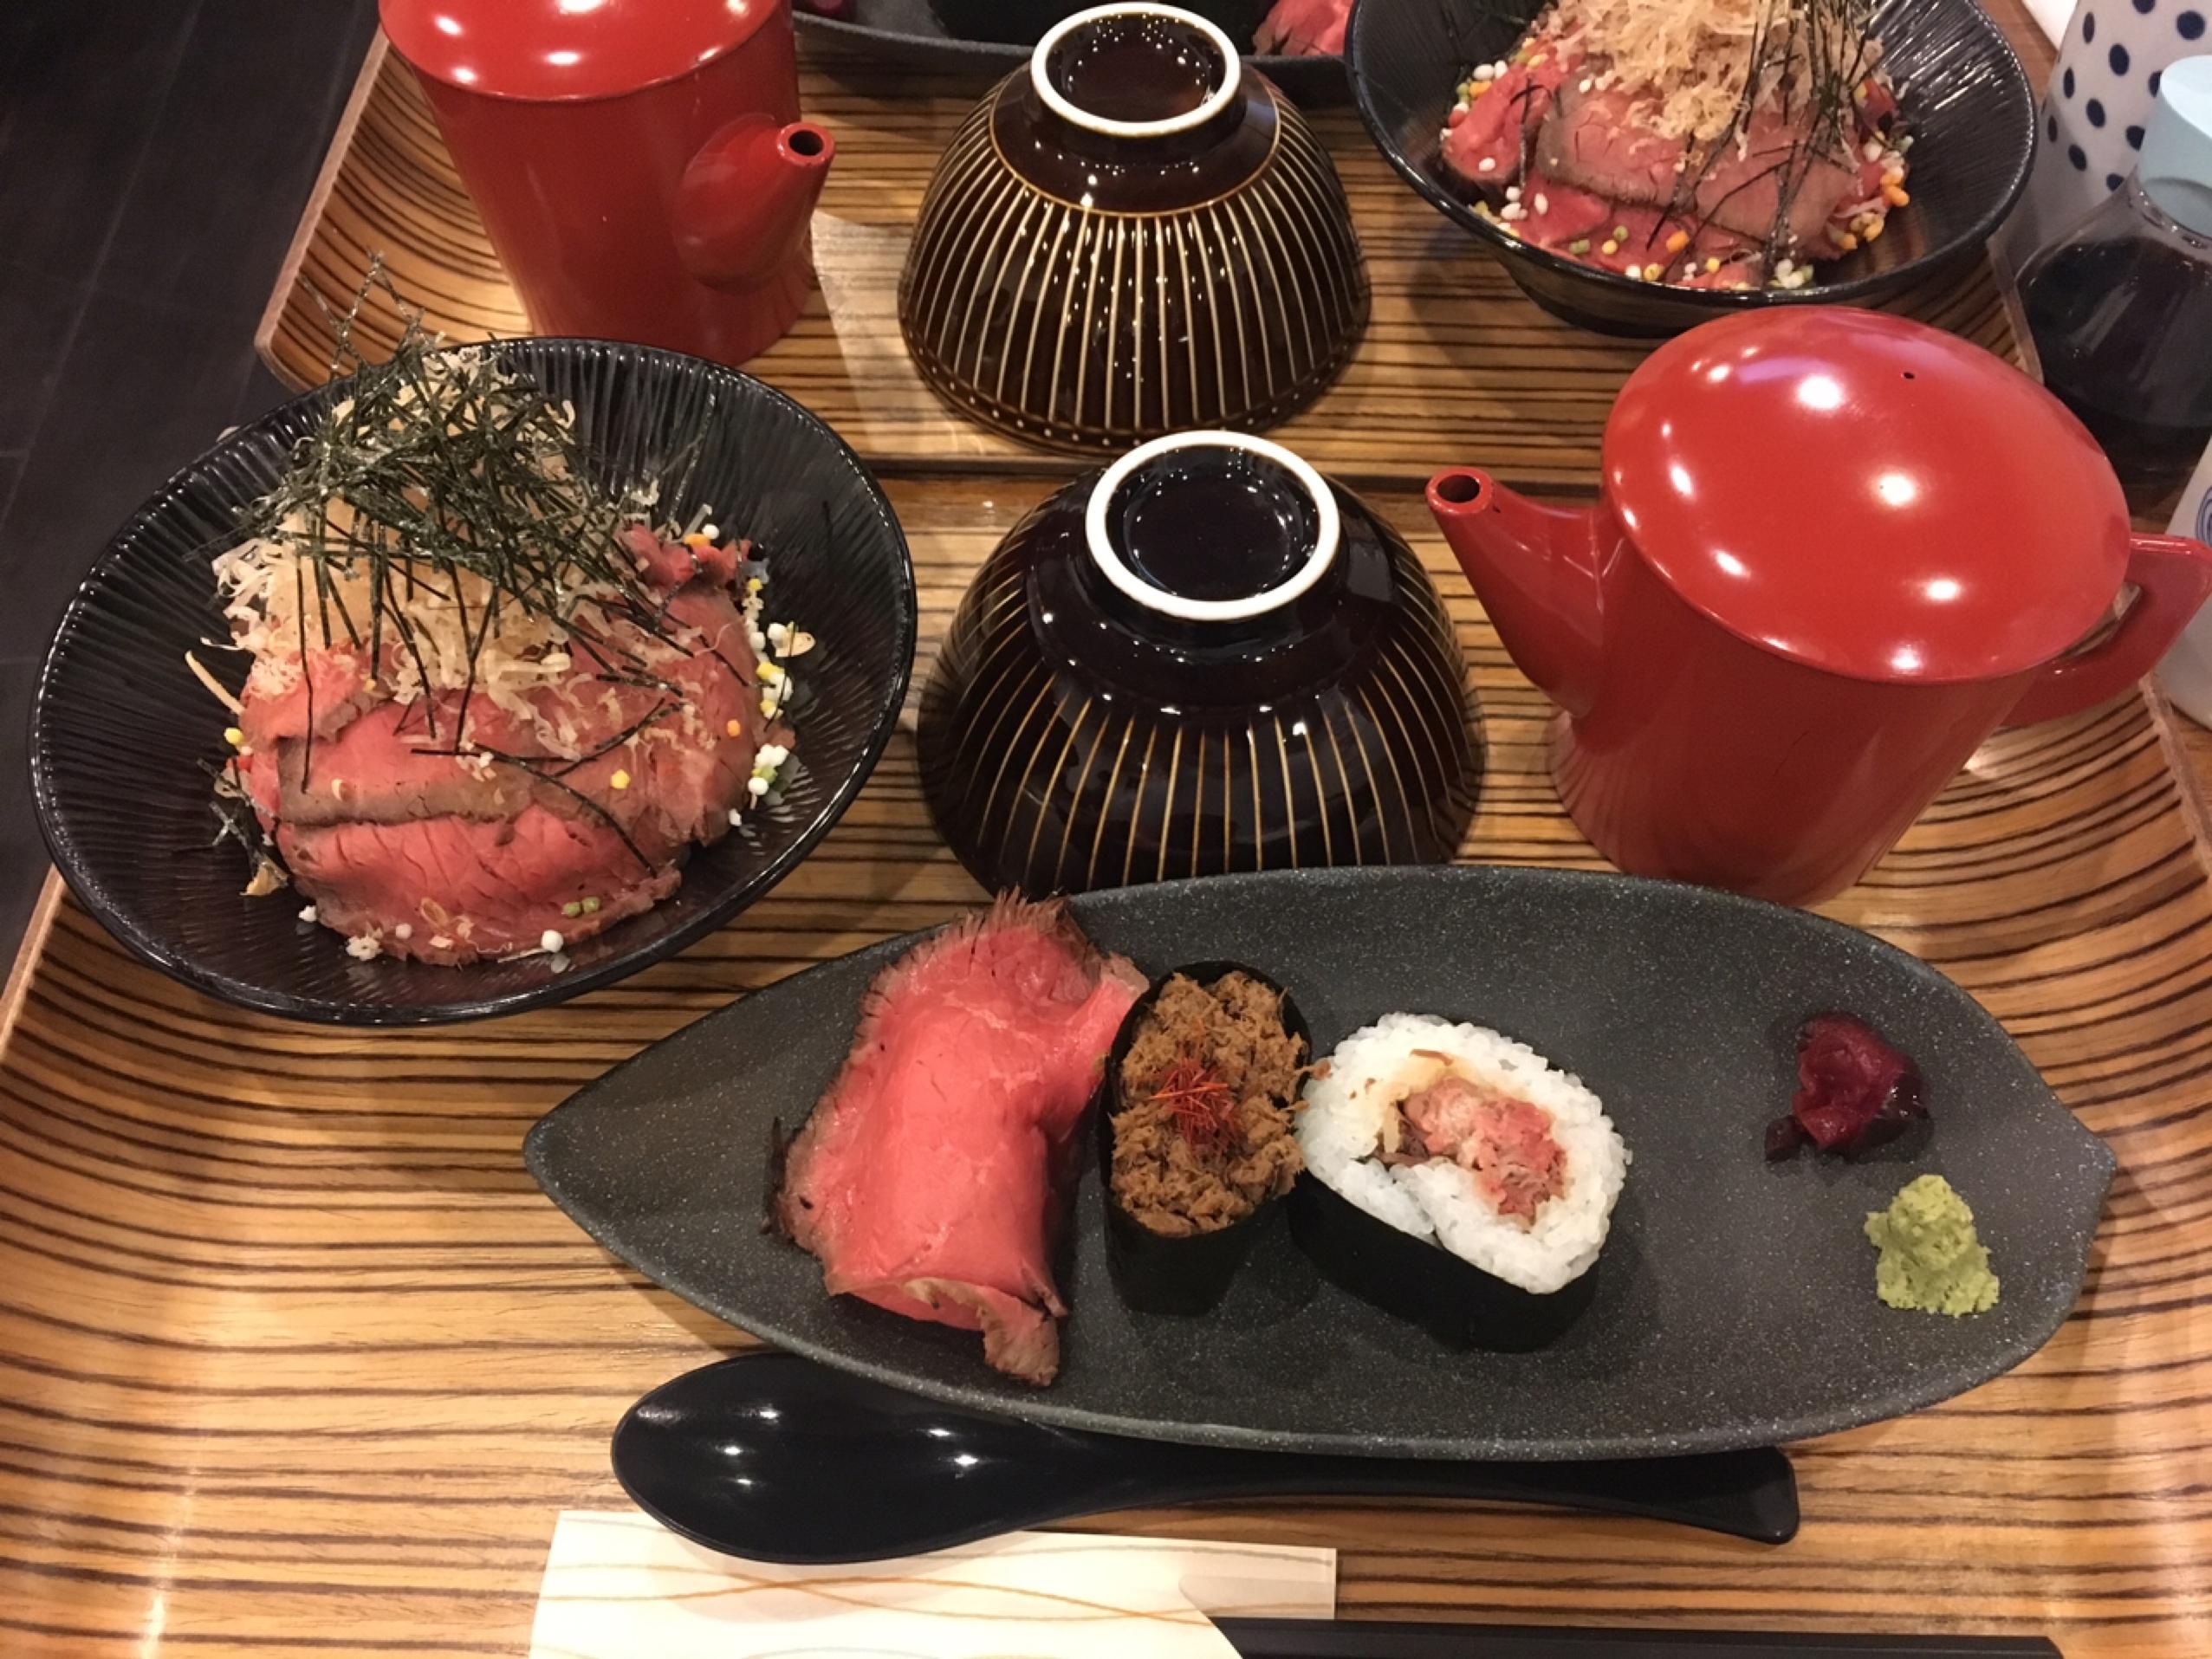 京都女子旅特集《2019年版》- 旅する女子がおすすめする、インスタ映えスポットやカフェ、レンタル着物は?_106